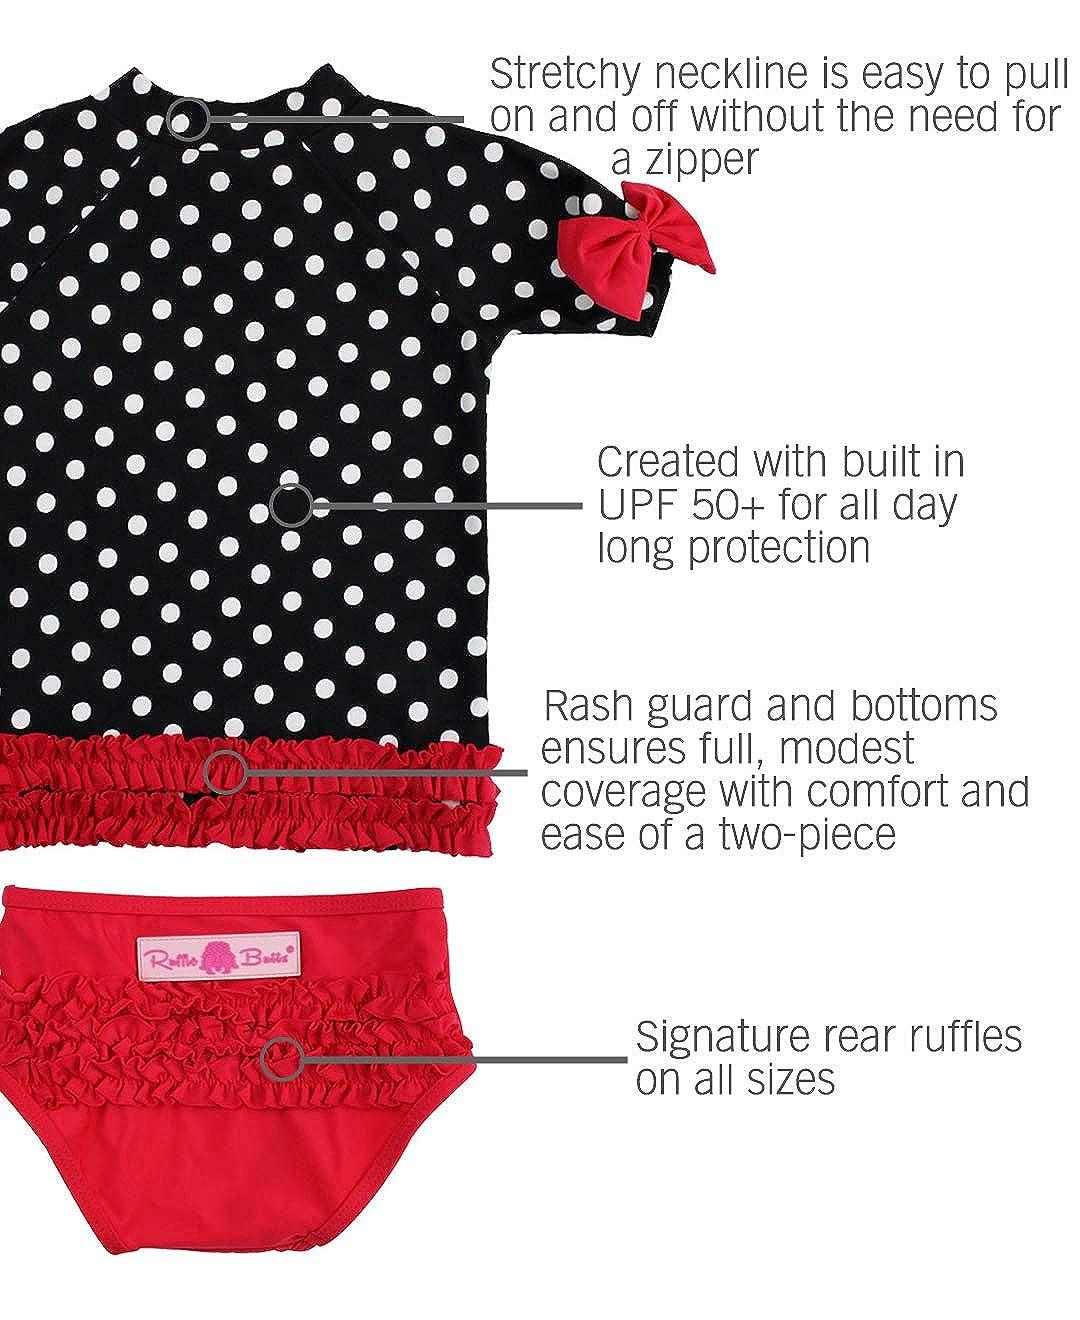 Sun Protection RuffleButts Baby//Toddler Girls Rash Guard Short Sleeve 2-Piece Swimsuit Set Polka Dot Bikini with UPF 50